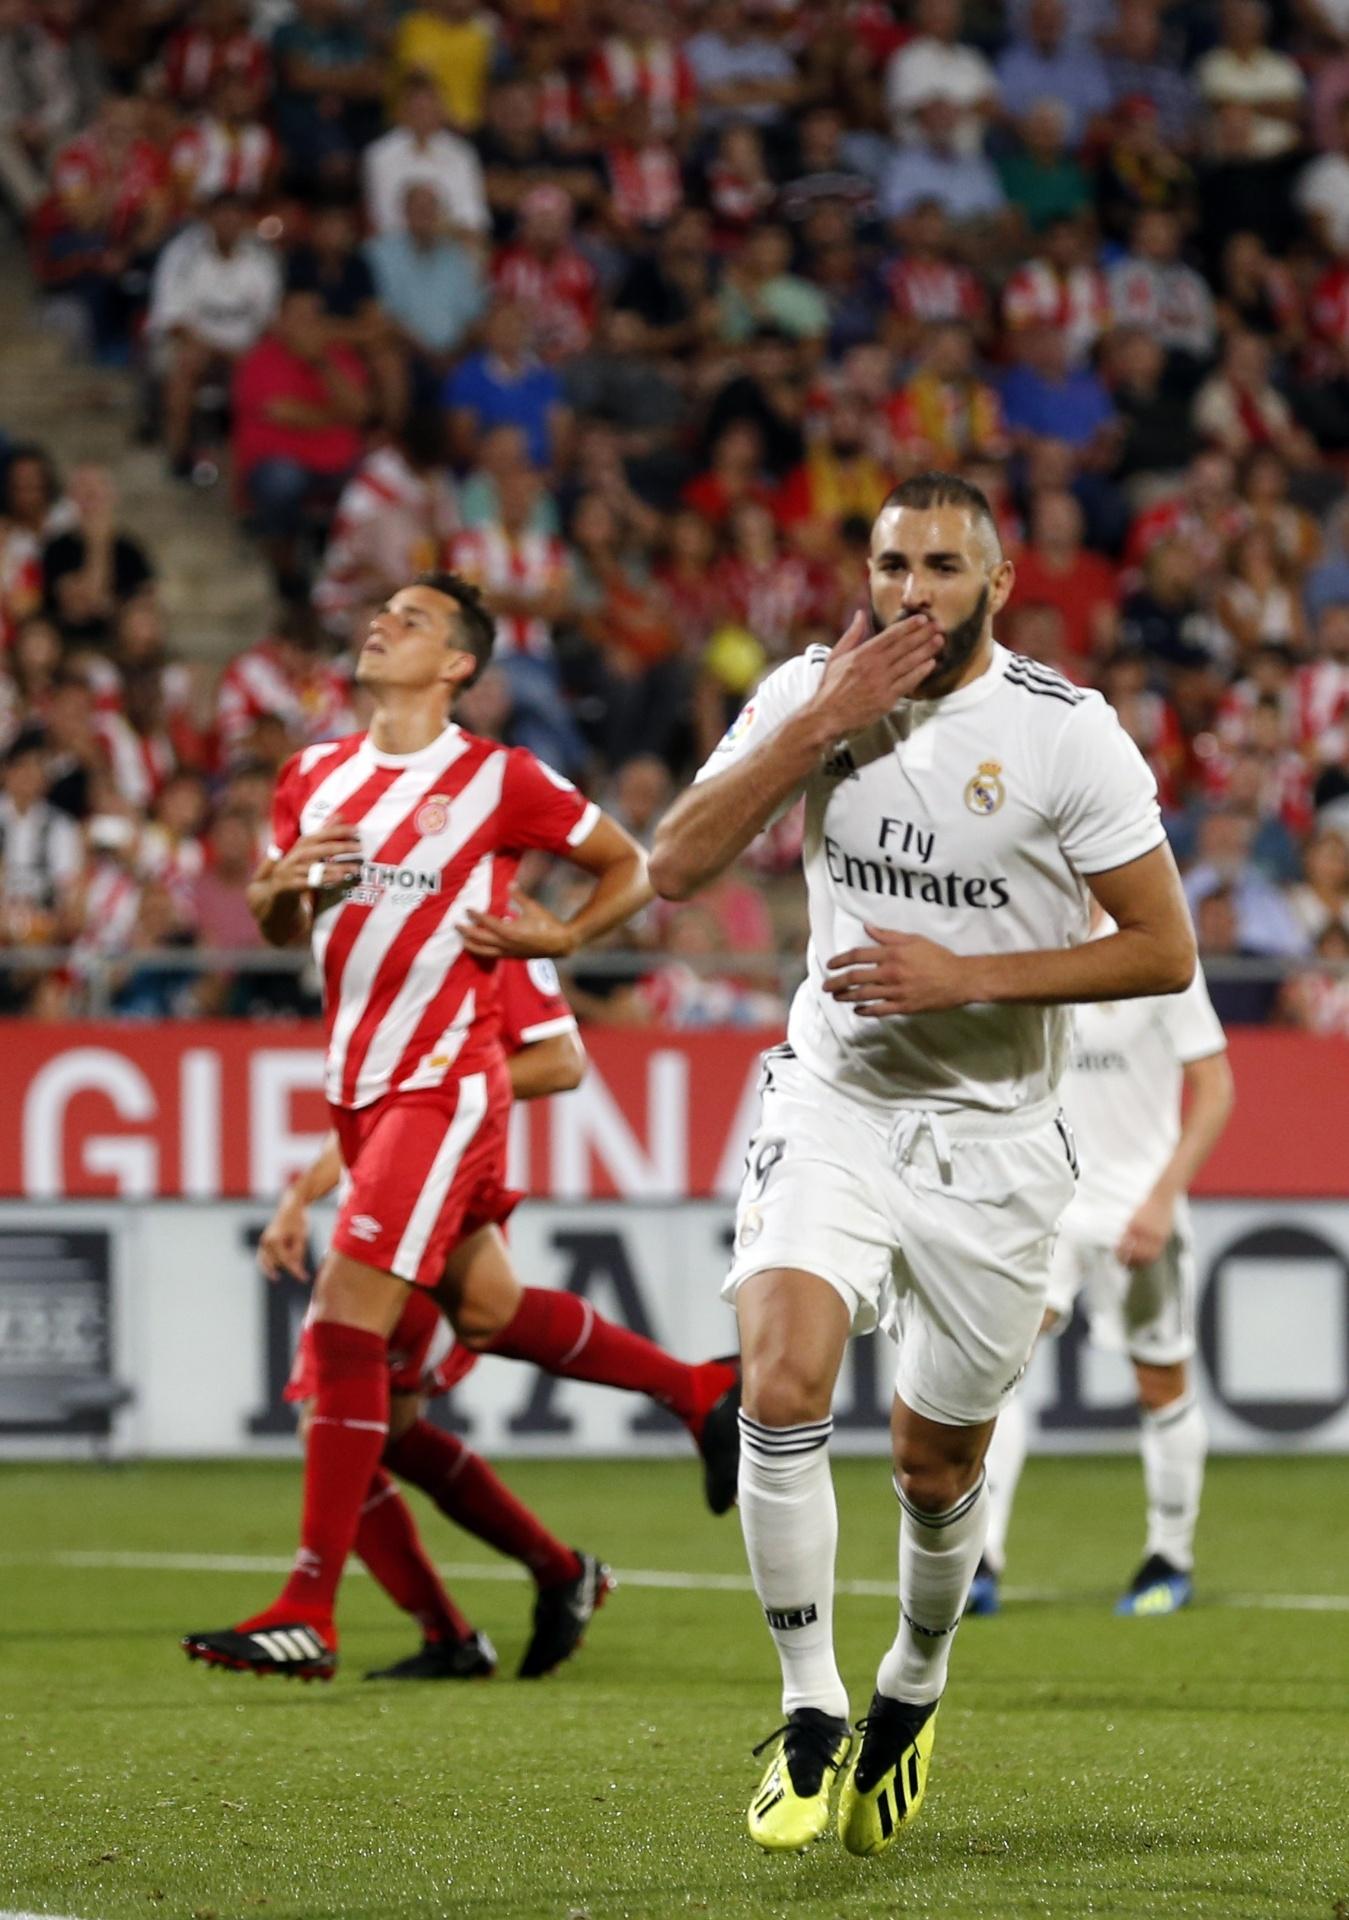 Benzema marca de pênalti e celebra o segundo gol do Real Madrid contra o Girona